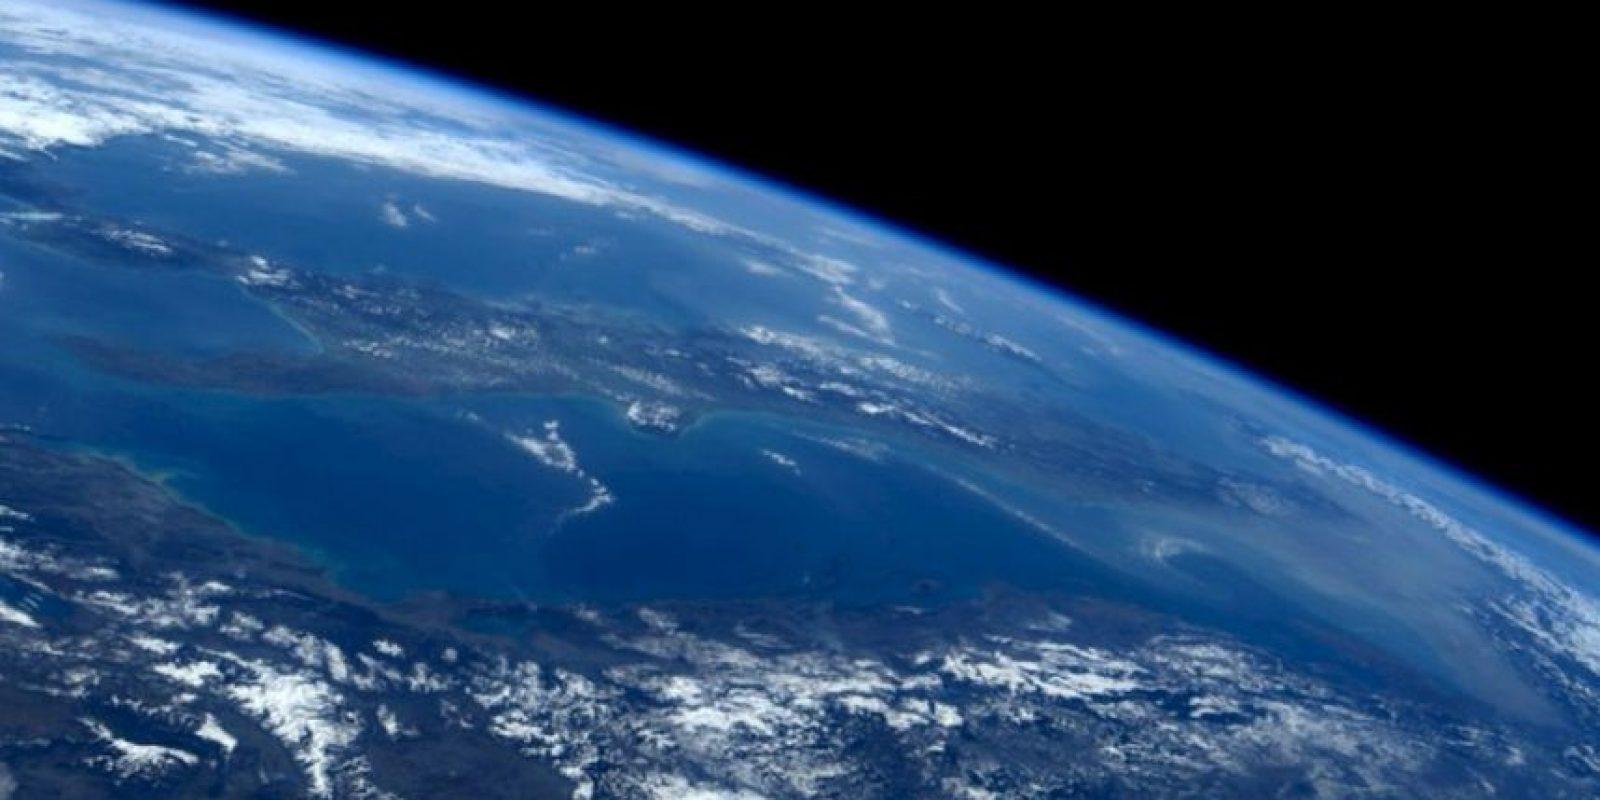 Así se ve la noche desde el espacio. Foto:Vía Twitter @AstroSamantha